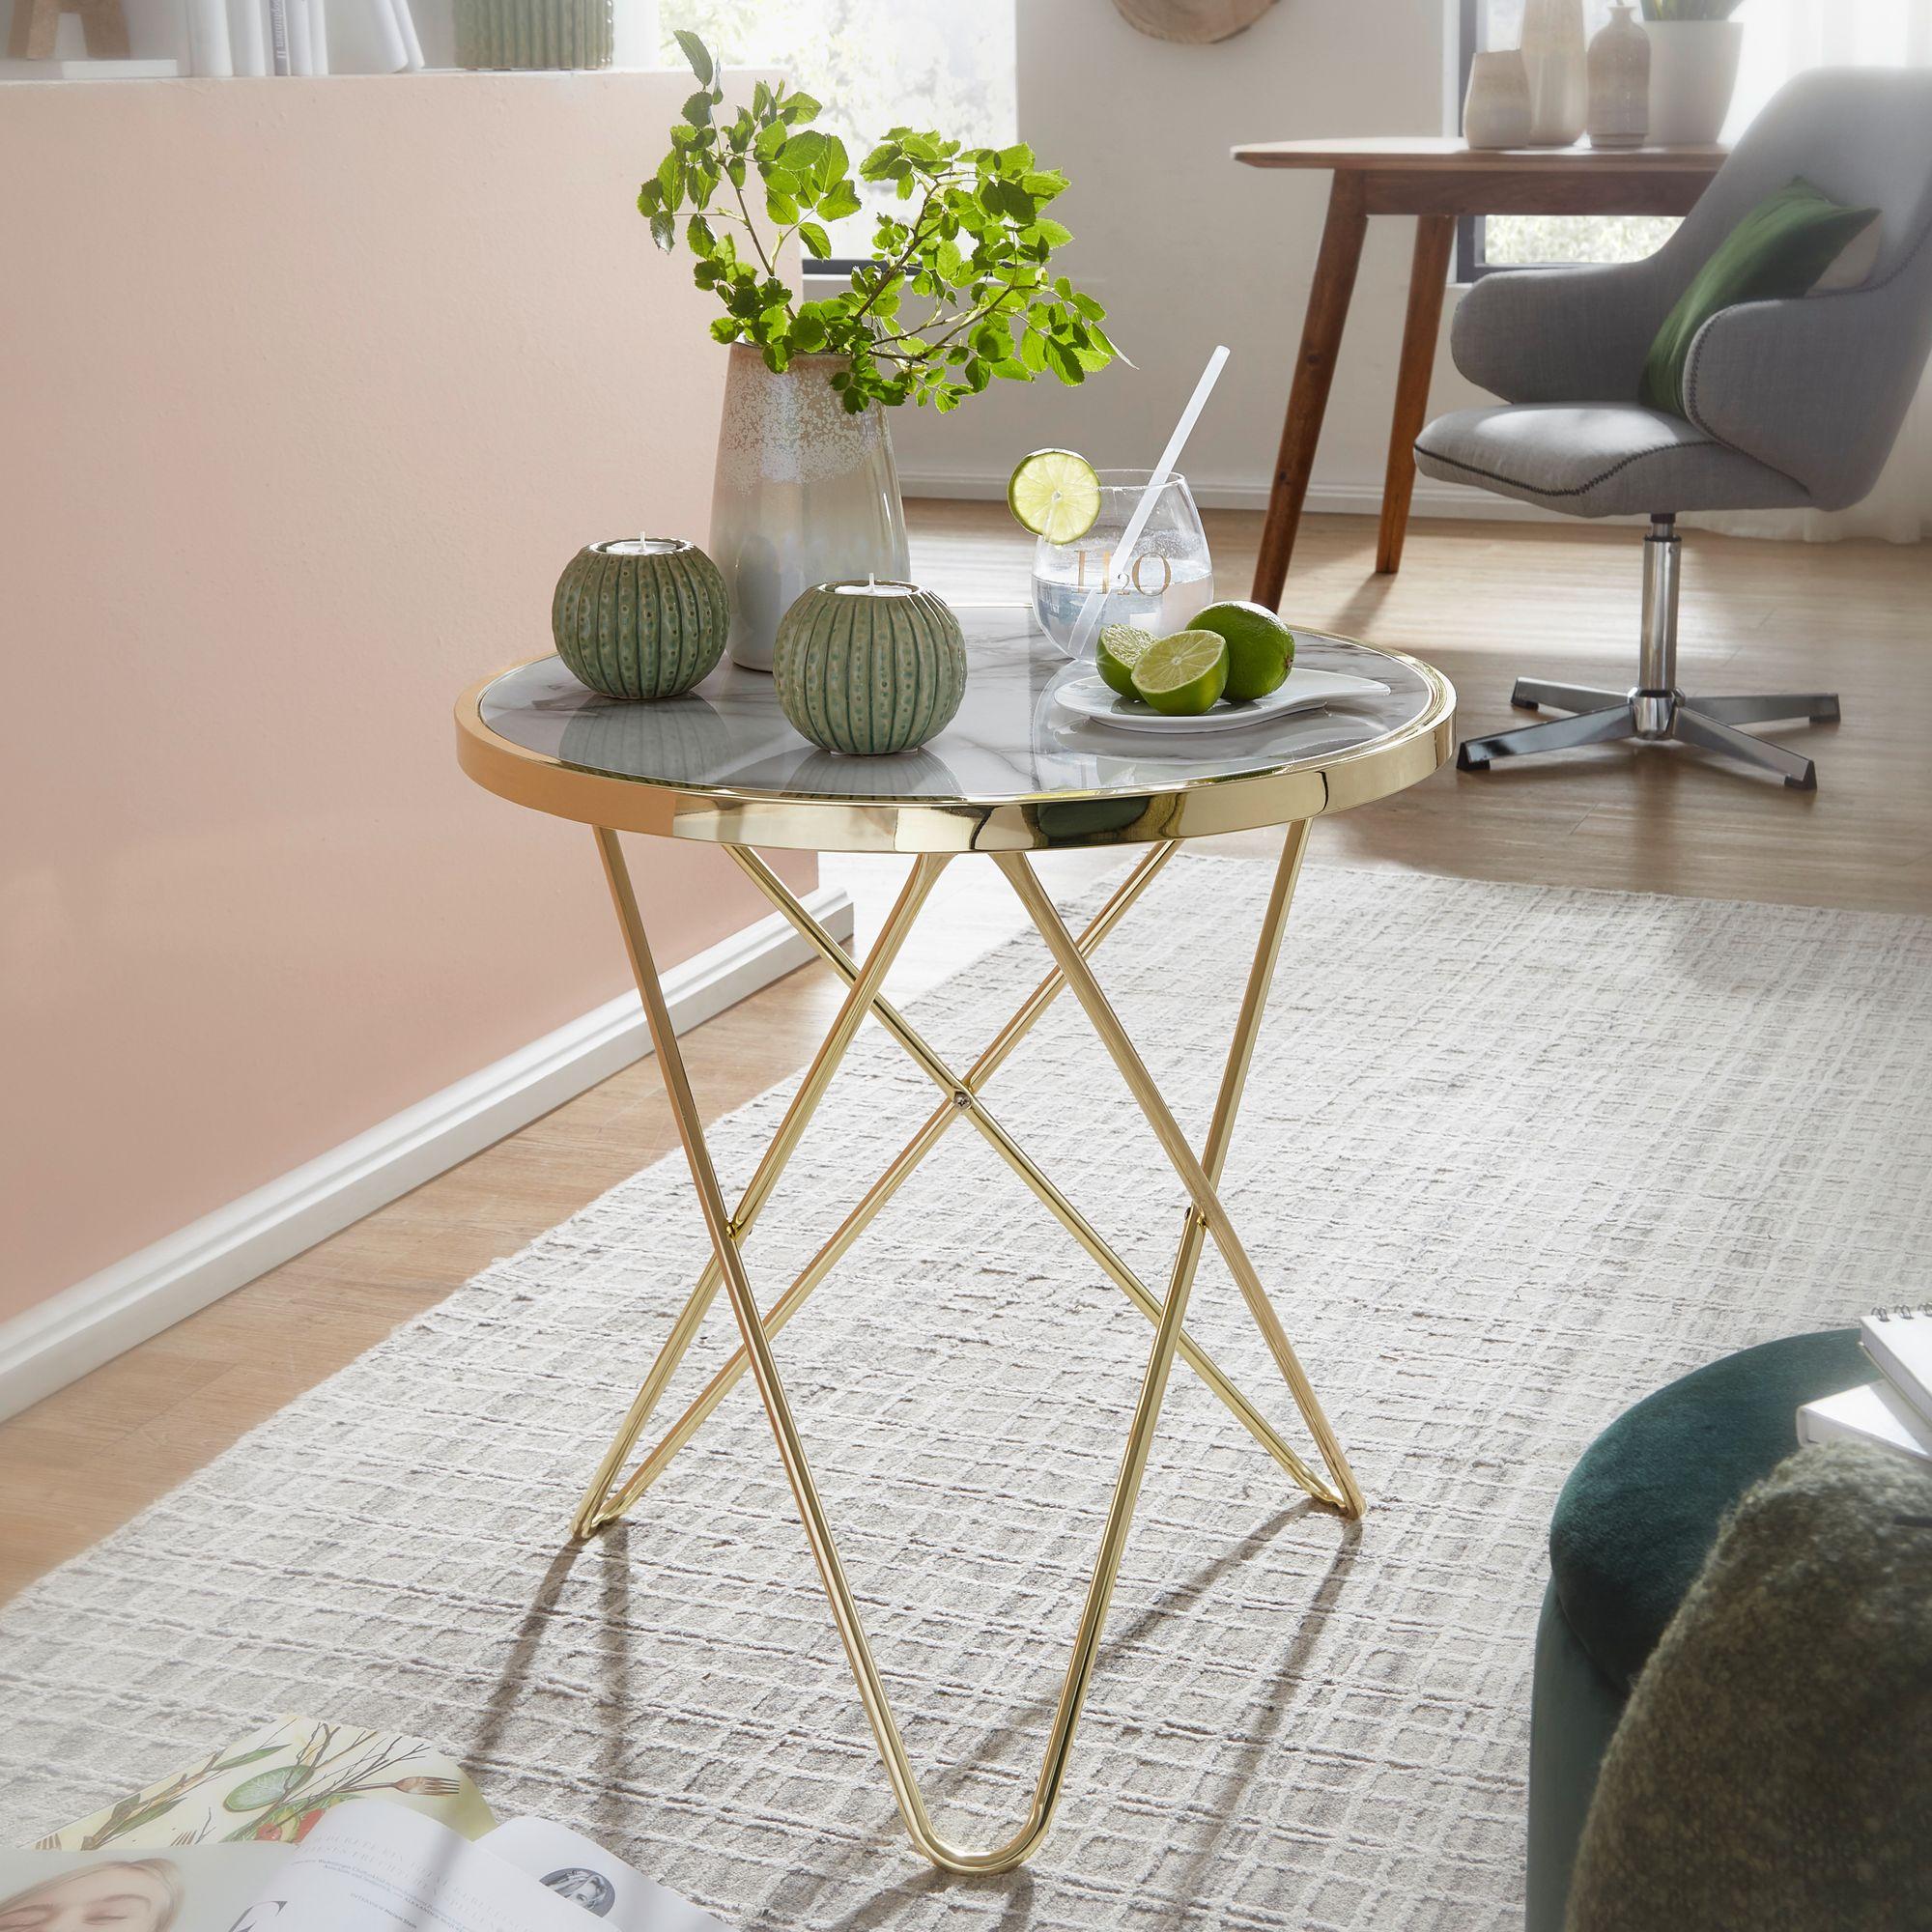 Wohnling Design Beistelltisch Marmor Optik Weiss Rund O55 Cm Gold Metallgestell Kleiner Wohnzimmertisch Couchtisch